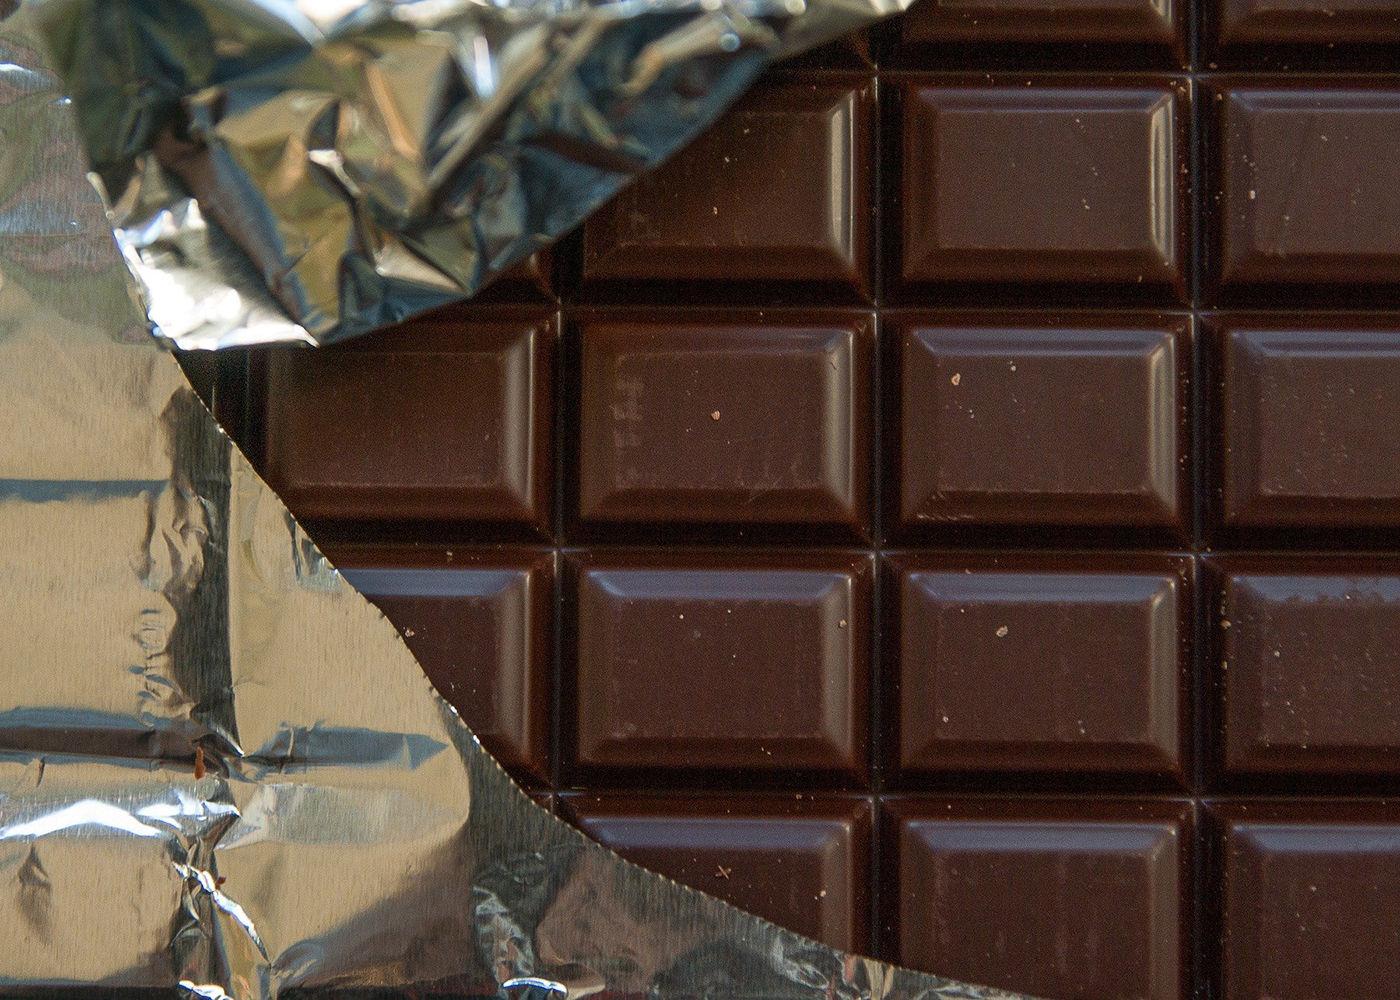 Schokolade Ohne Mineralöl